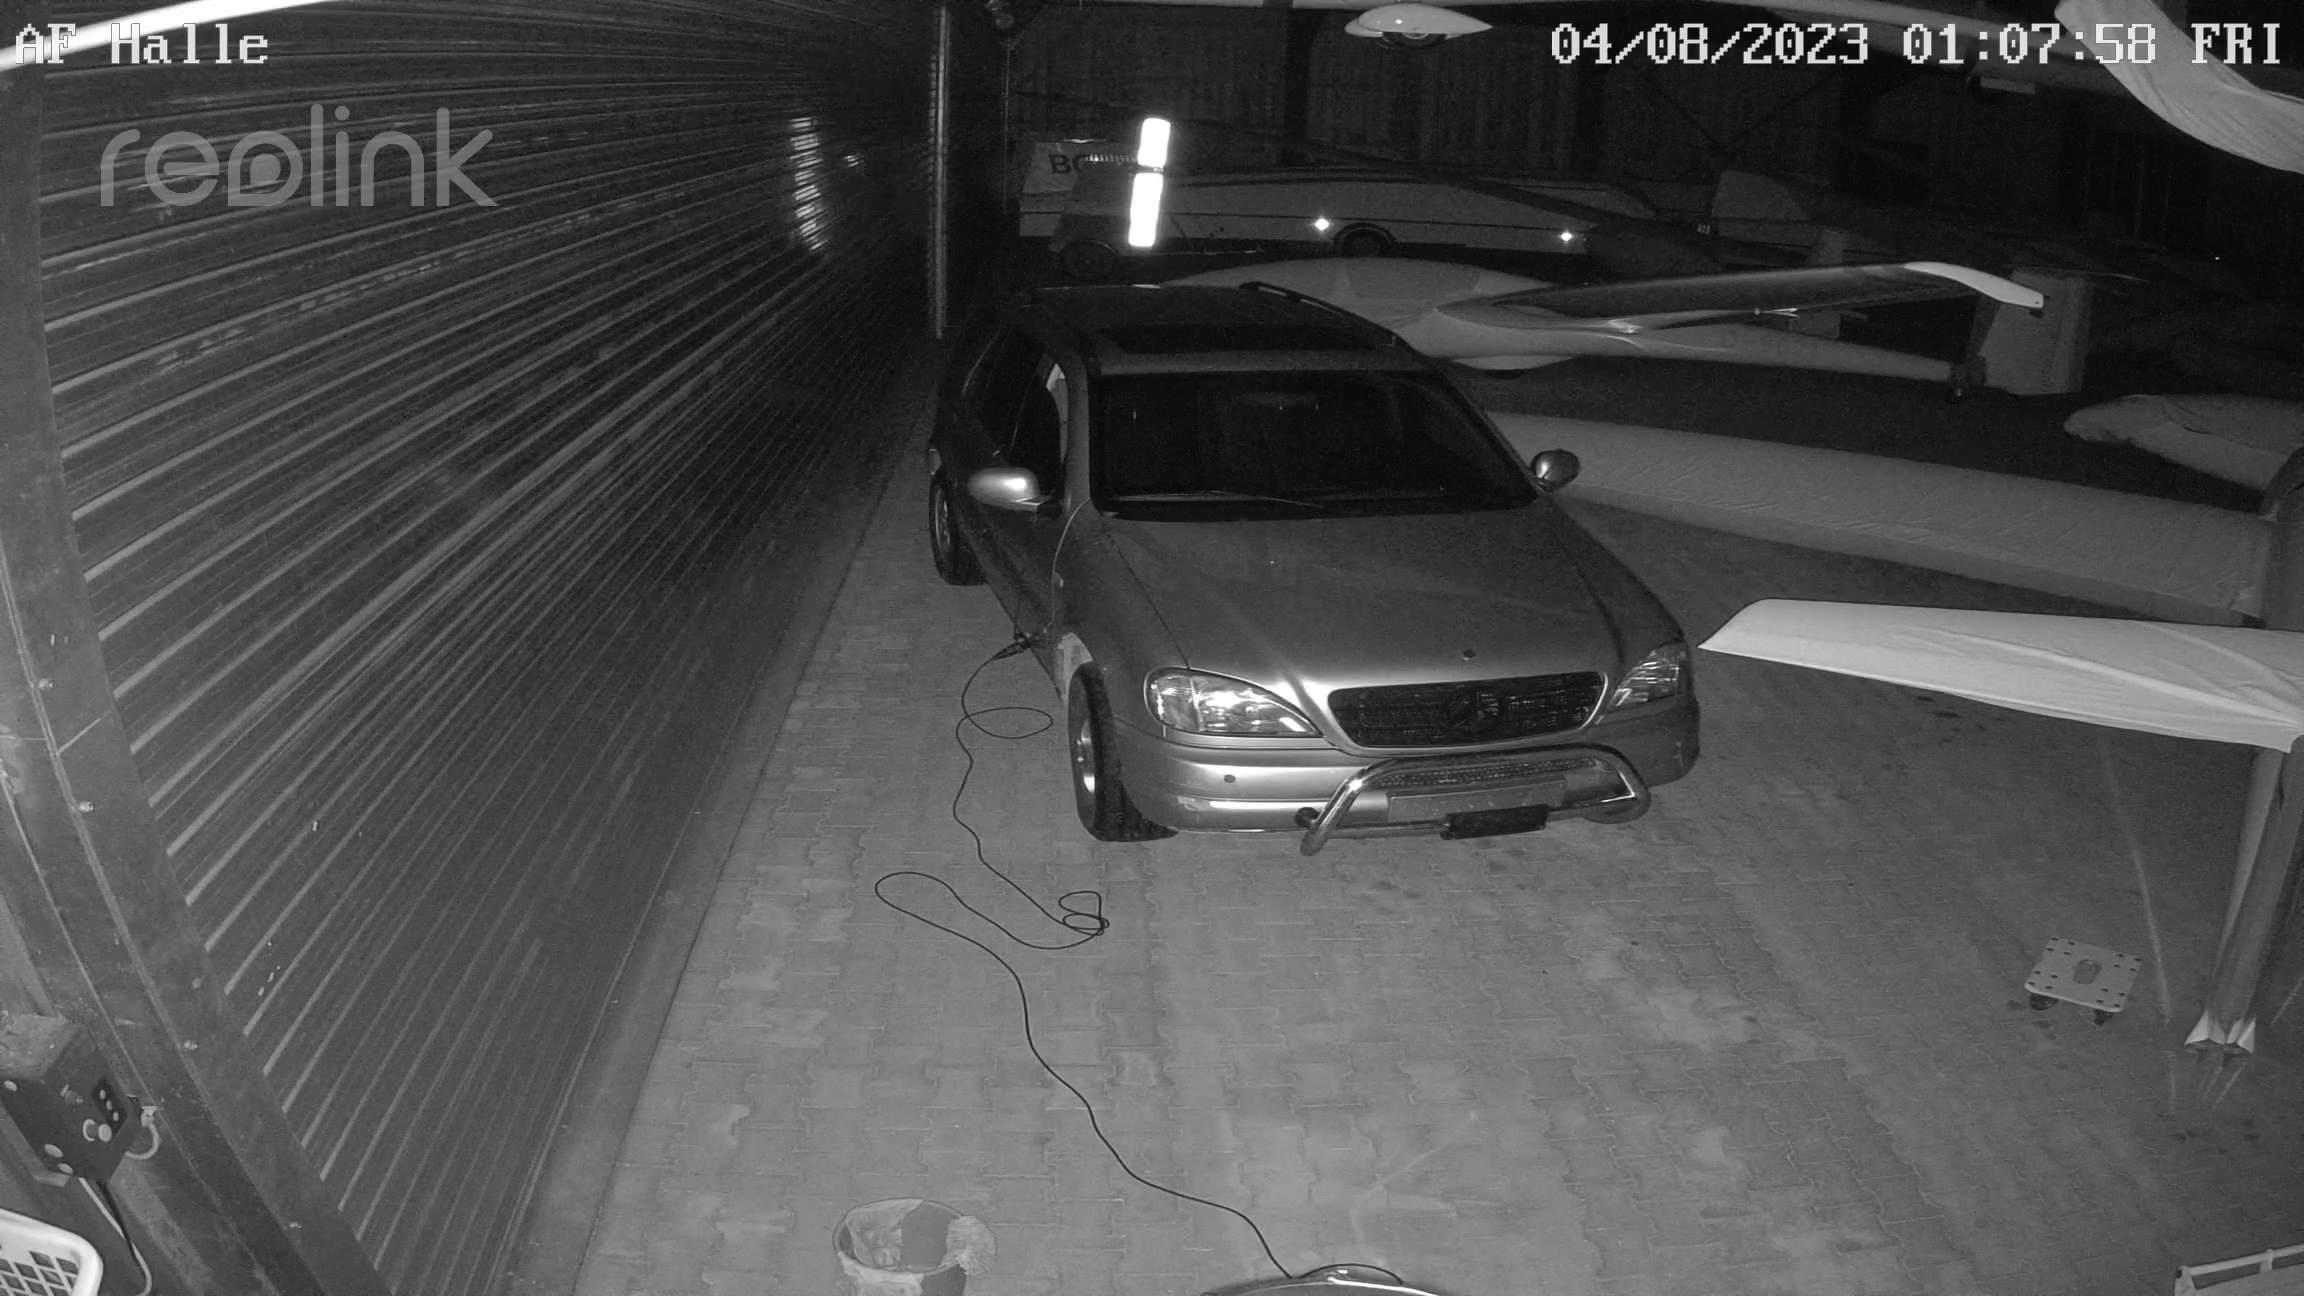 Webcam AF Halle